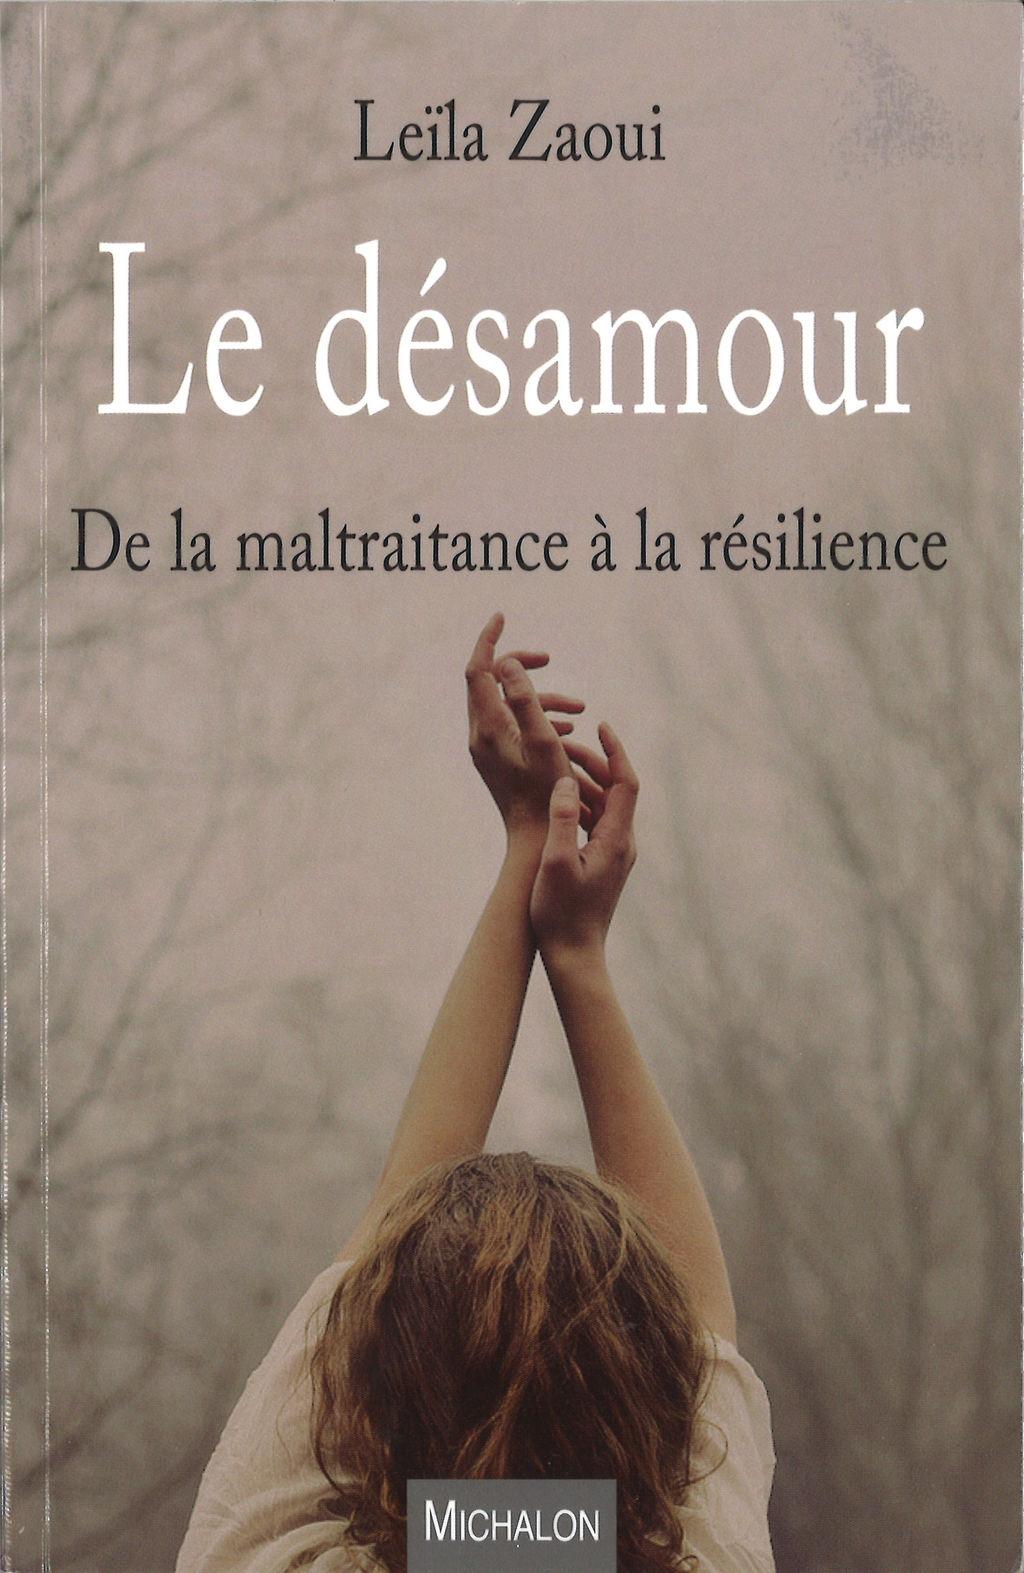 Le-Desamour-de-Leila-Zaoui.-2016_width1024